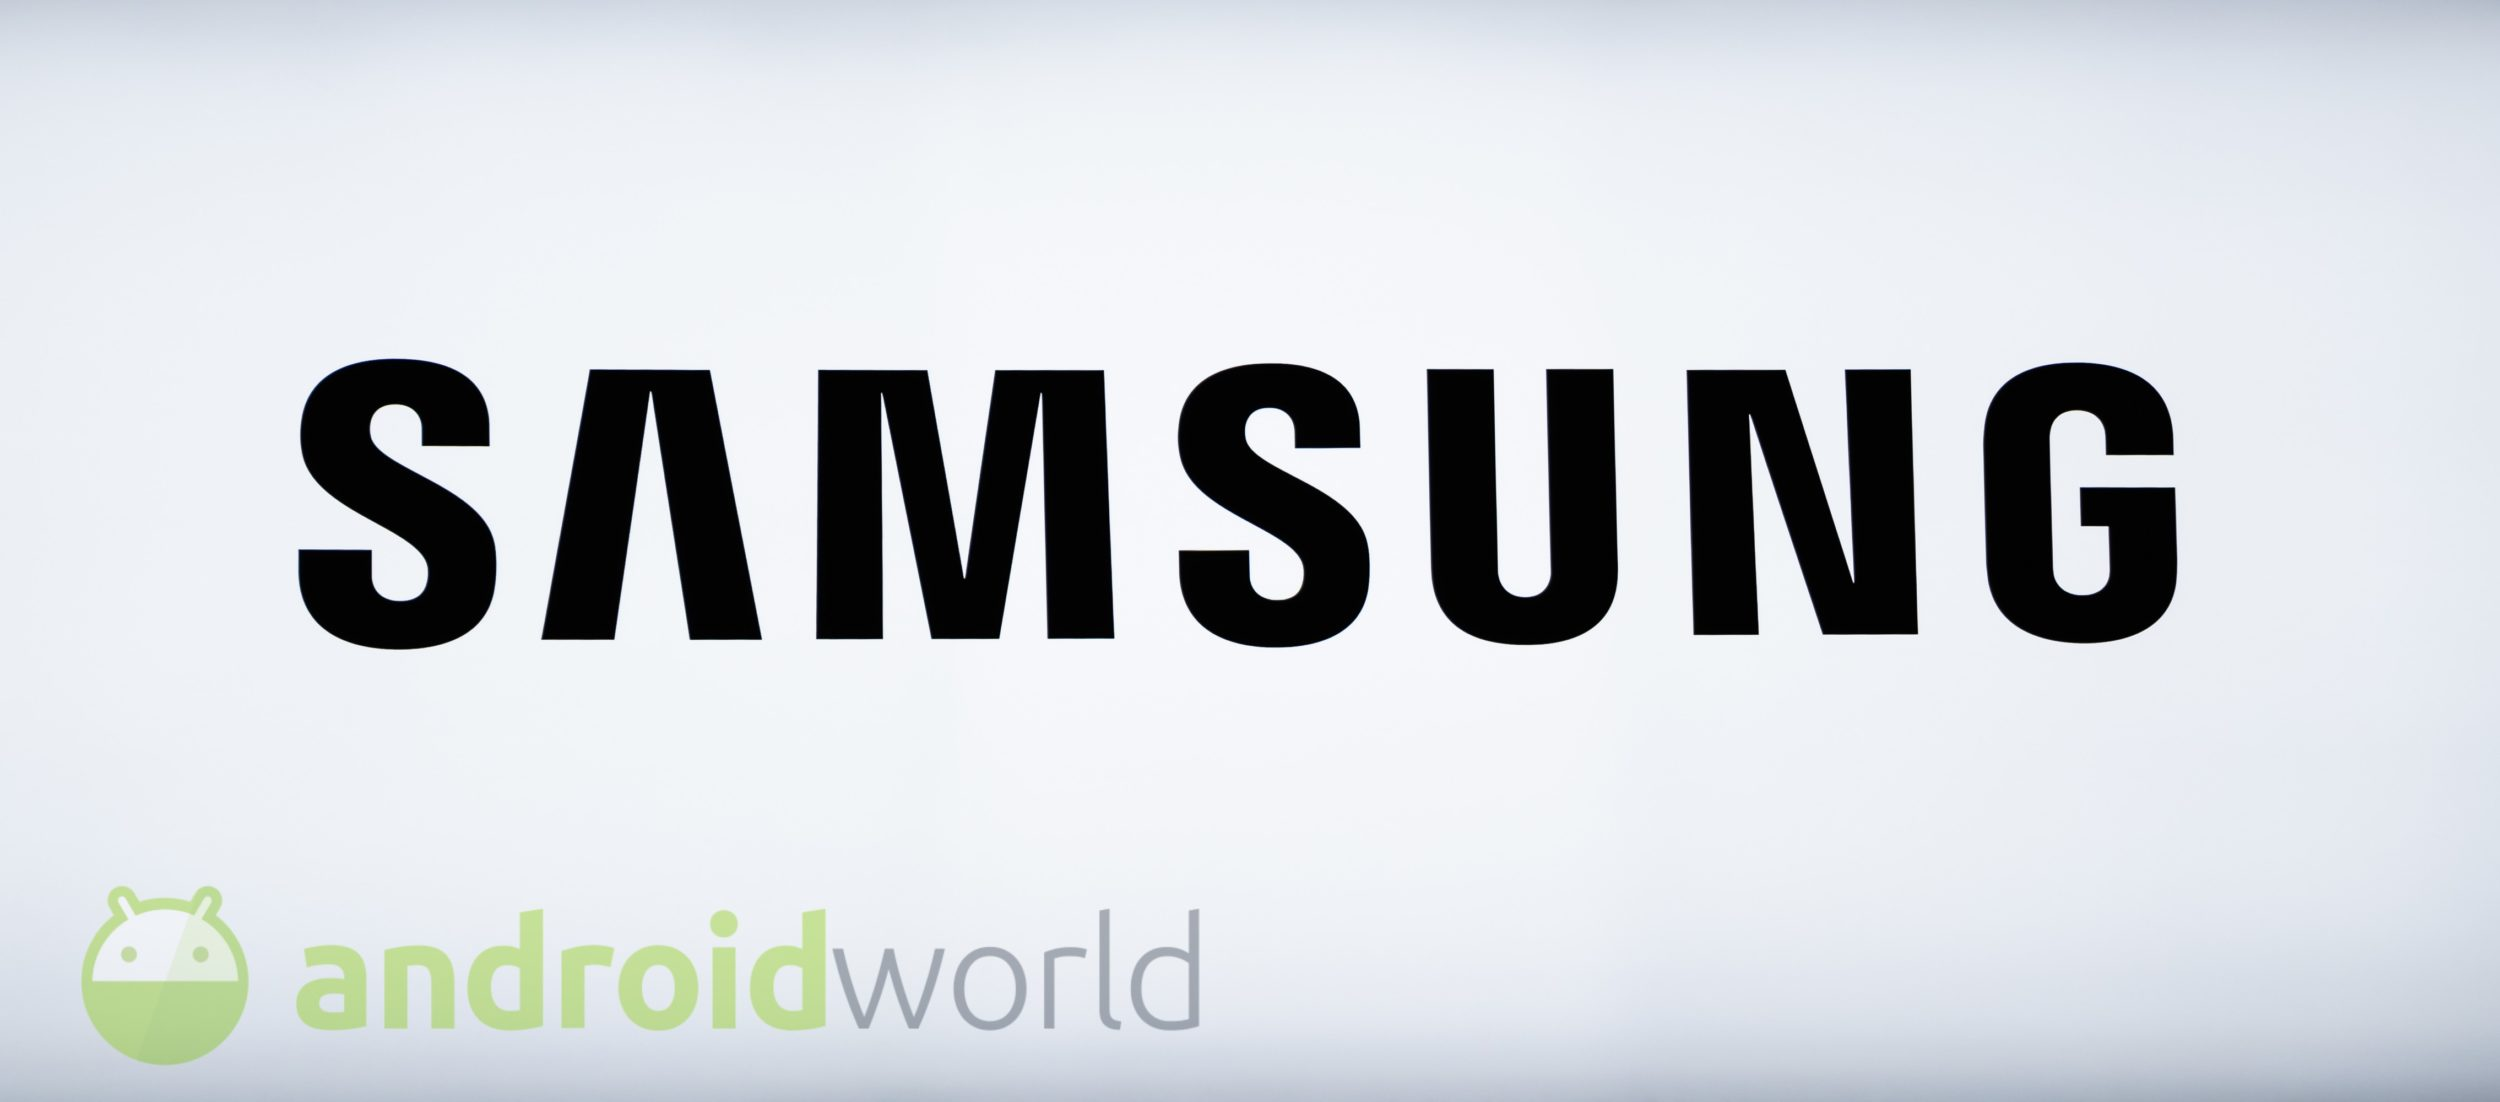 Samsung crede molto nei suoi processori: l'Exynos 1080 avrà un evento di presentazione dedicato (foto)